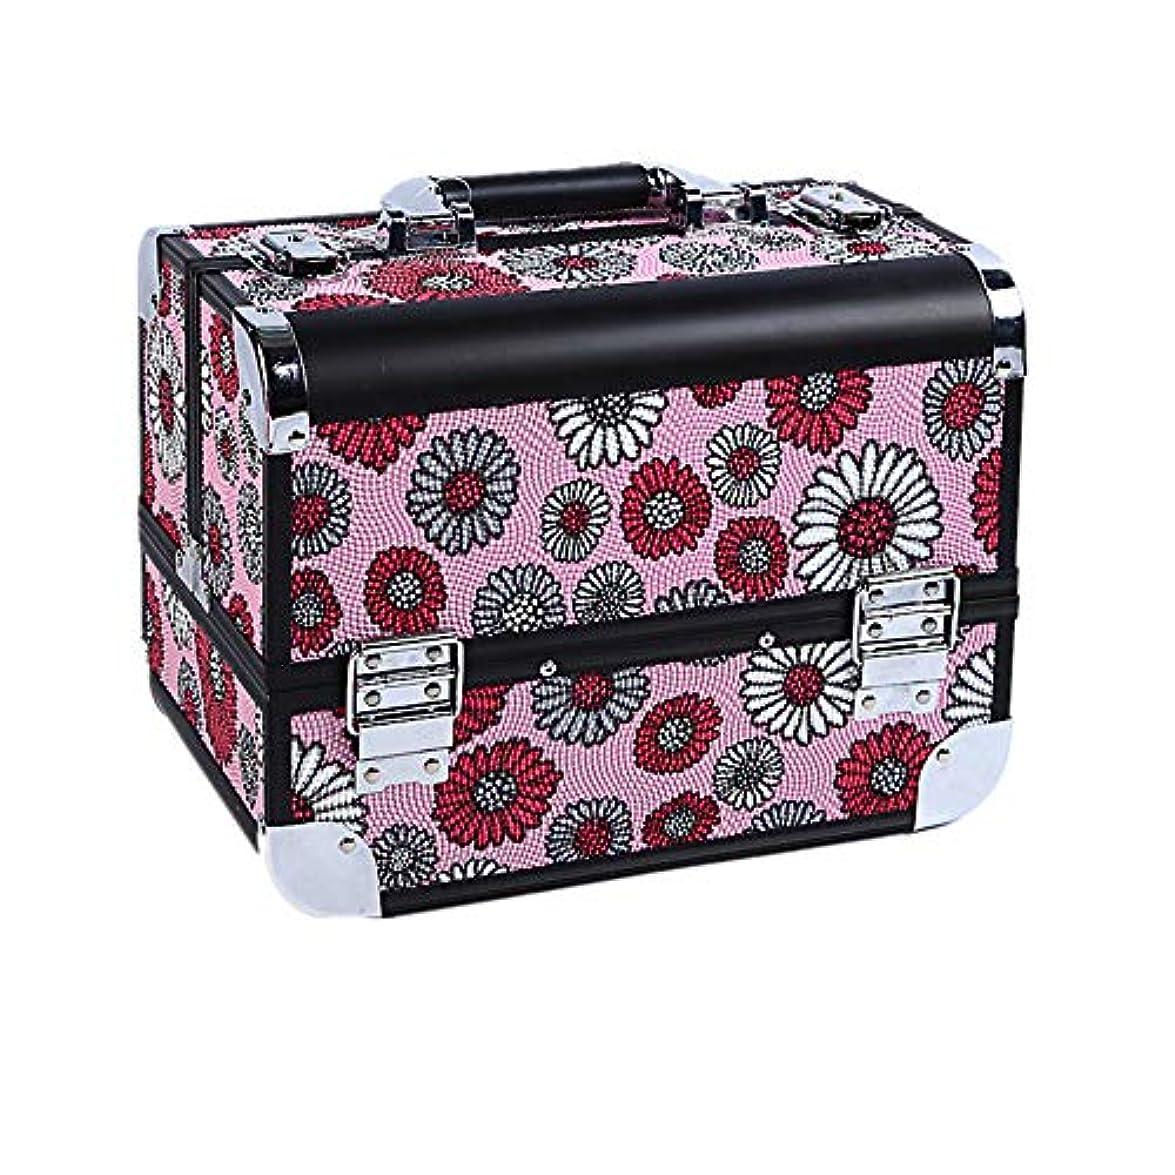 上流のじゃない急ぐ化粧オーガナイザーバッグ 大容量ポータブルアルミ合金旅行化粧品美容メイクアップ化粧ケースひまわりのパターンと折り畳みトレイ 化粧品ケース